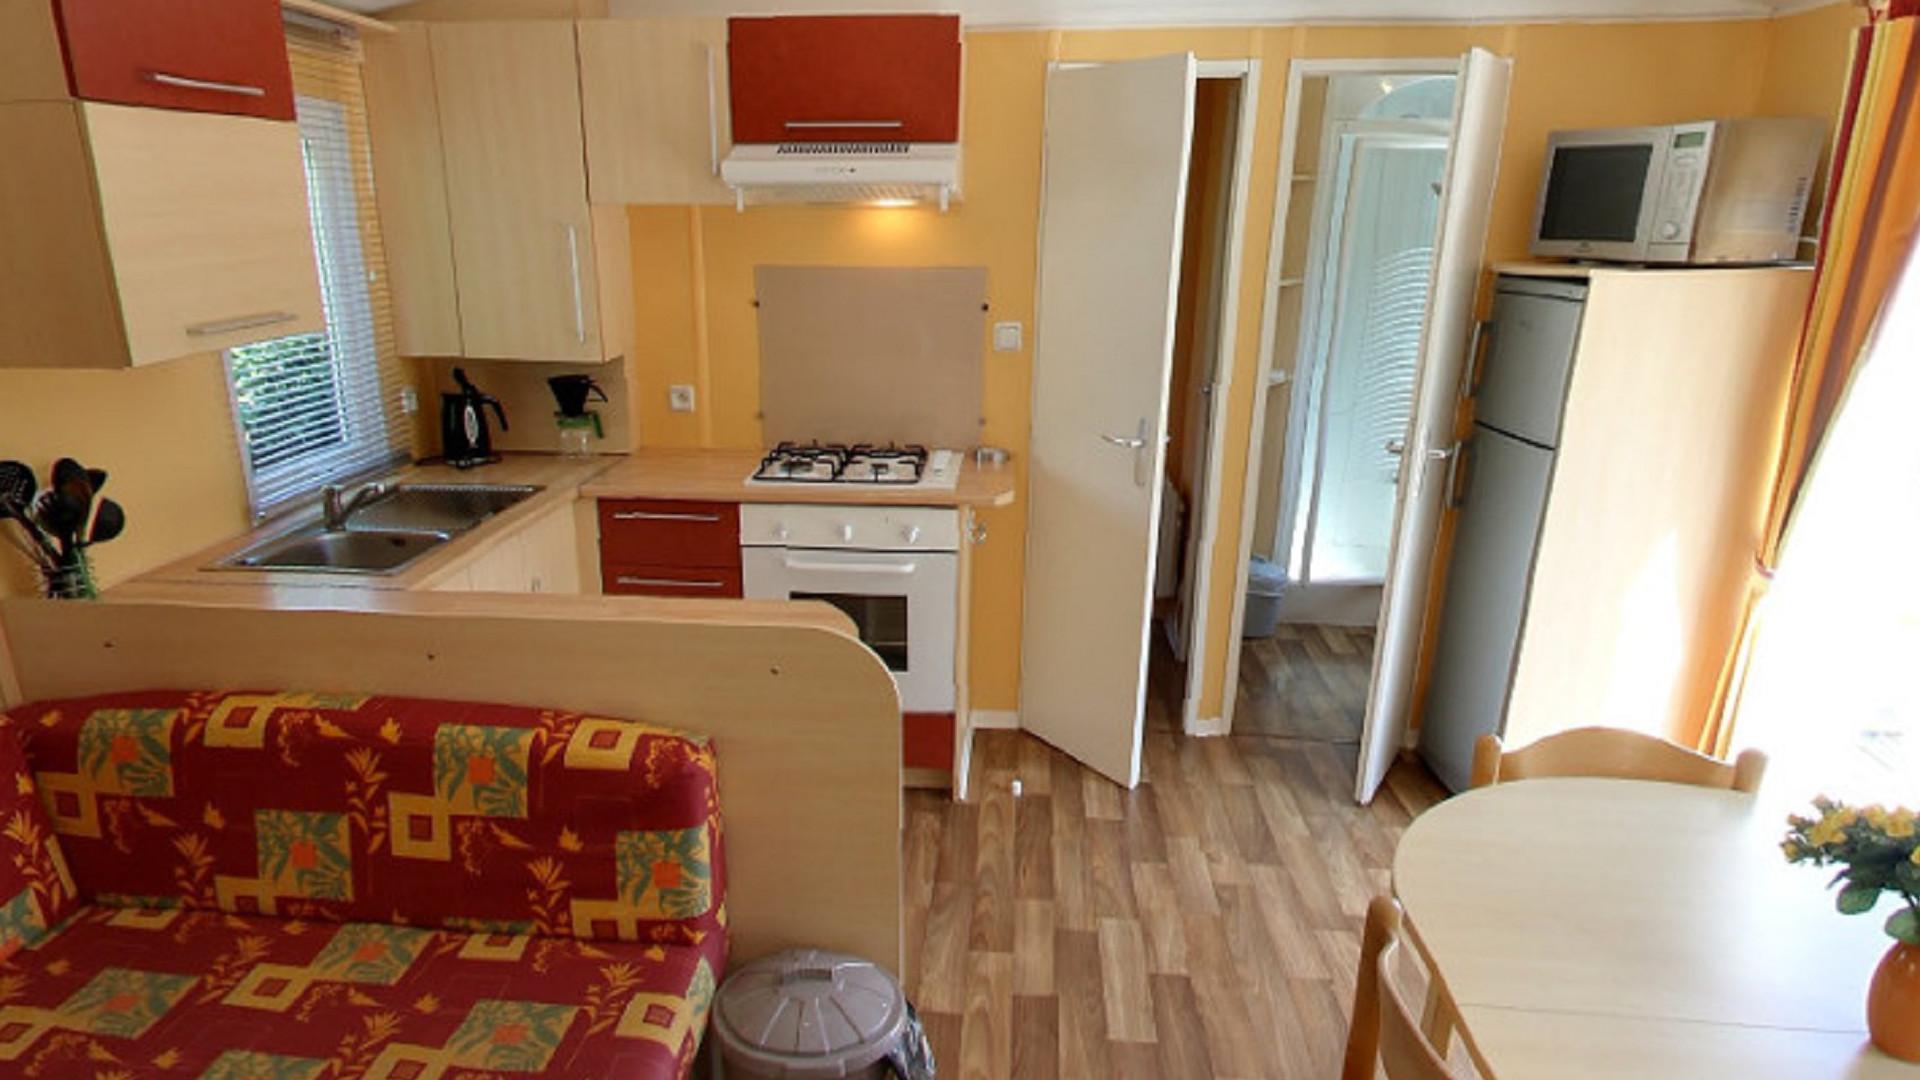 Mobile-home vue sur la cuisine et salon